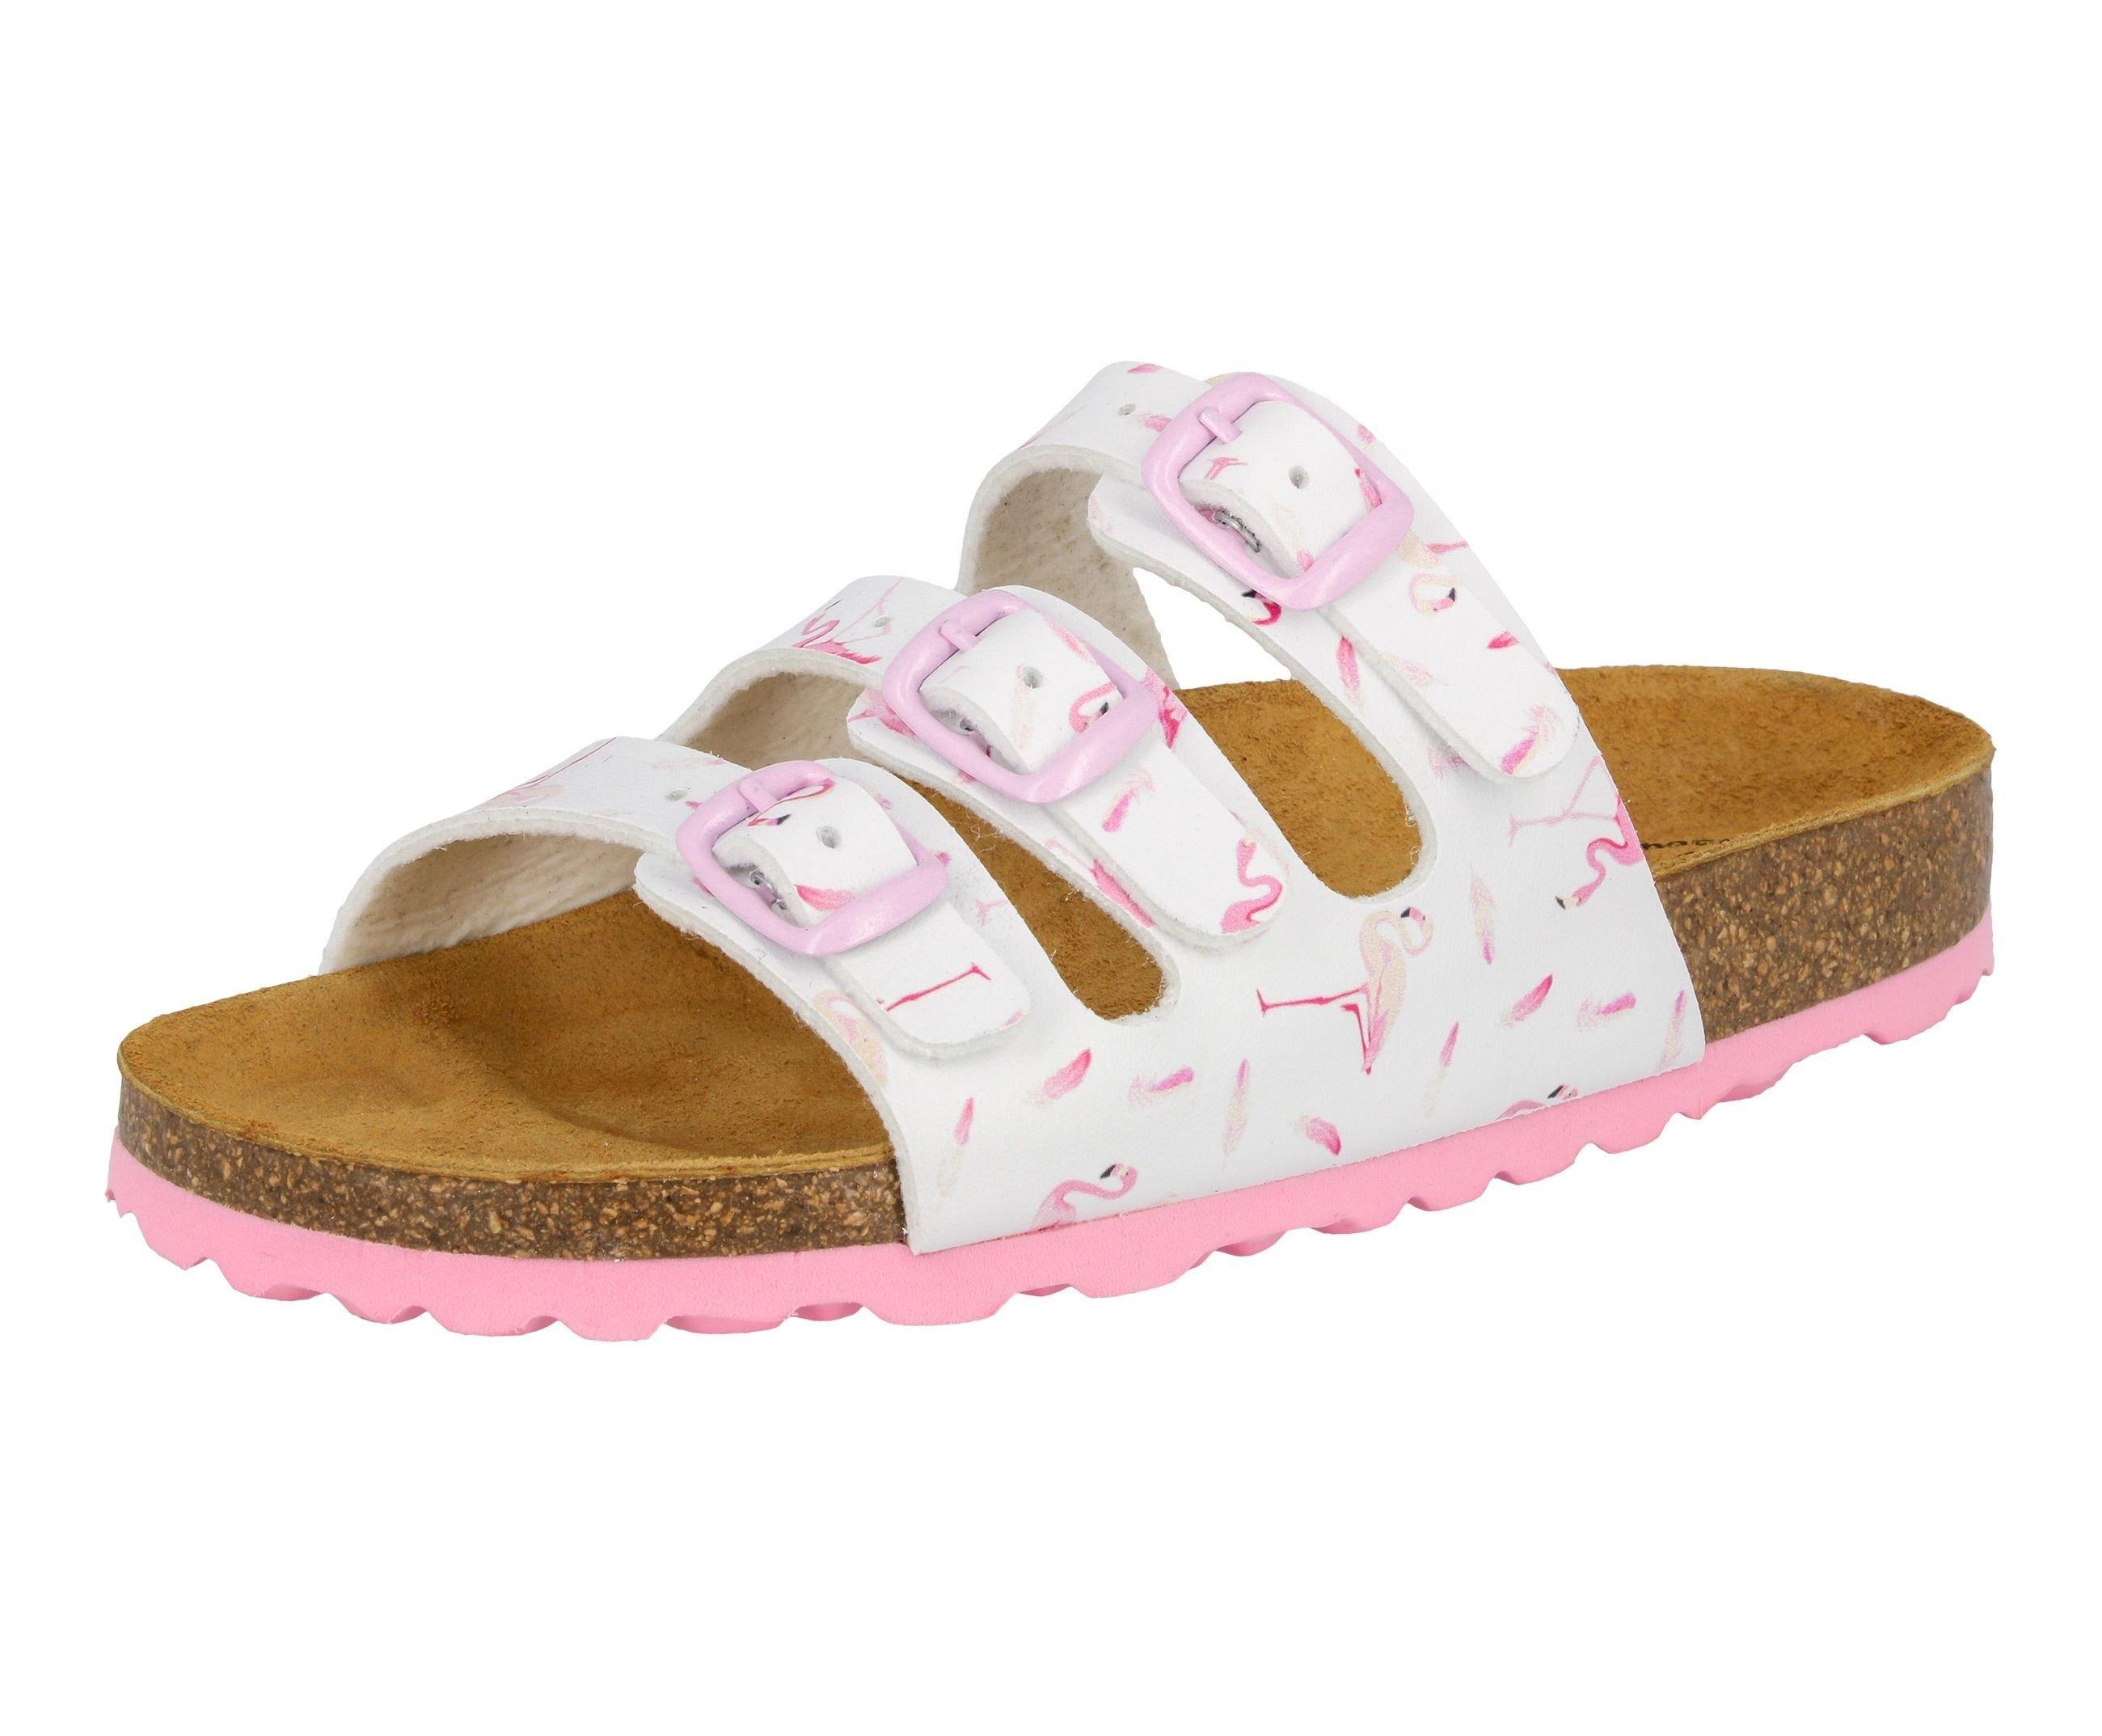 Lico slippers Bioline Flaminco - gratis ruilen op otto.nl